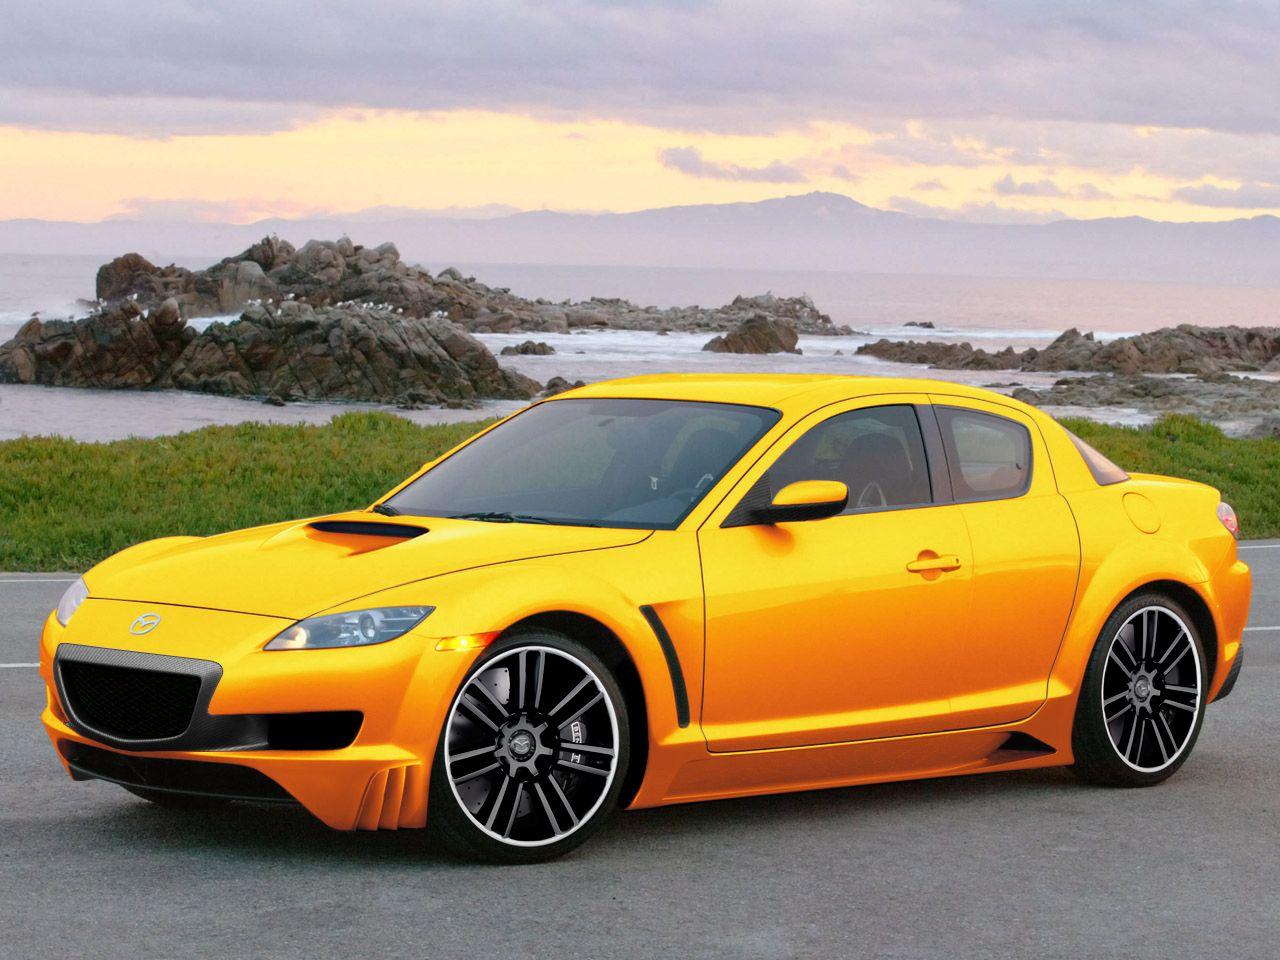 Mazda rx8. Mazda, Mazda cars, Car